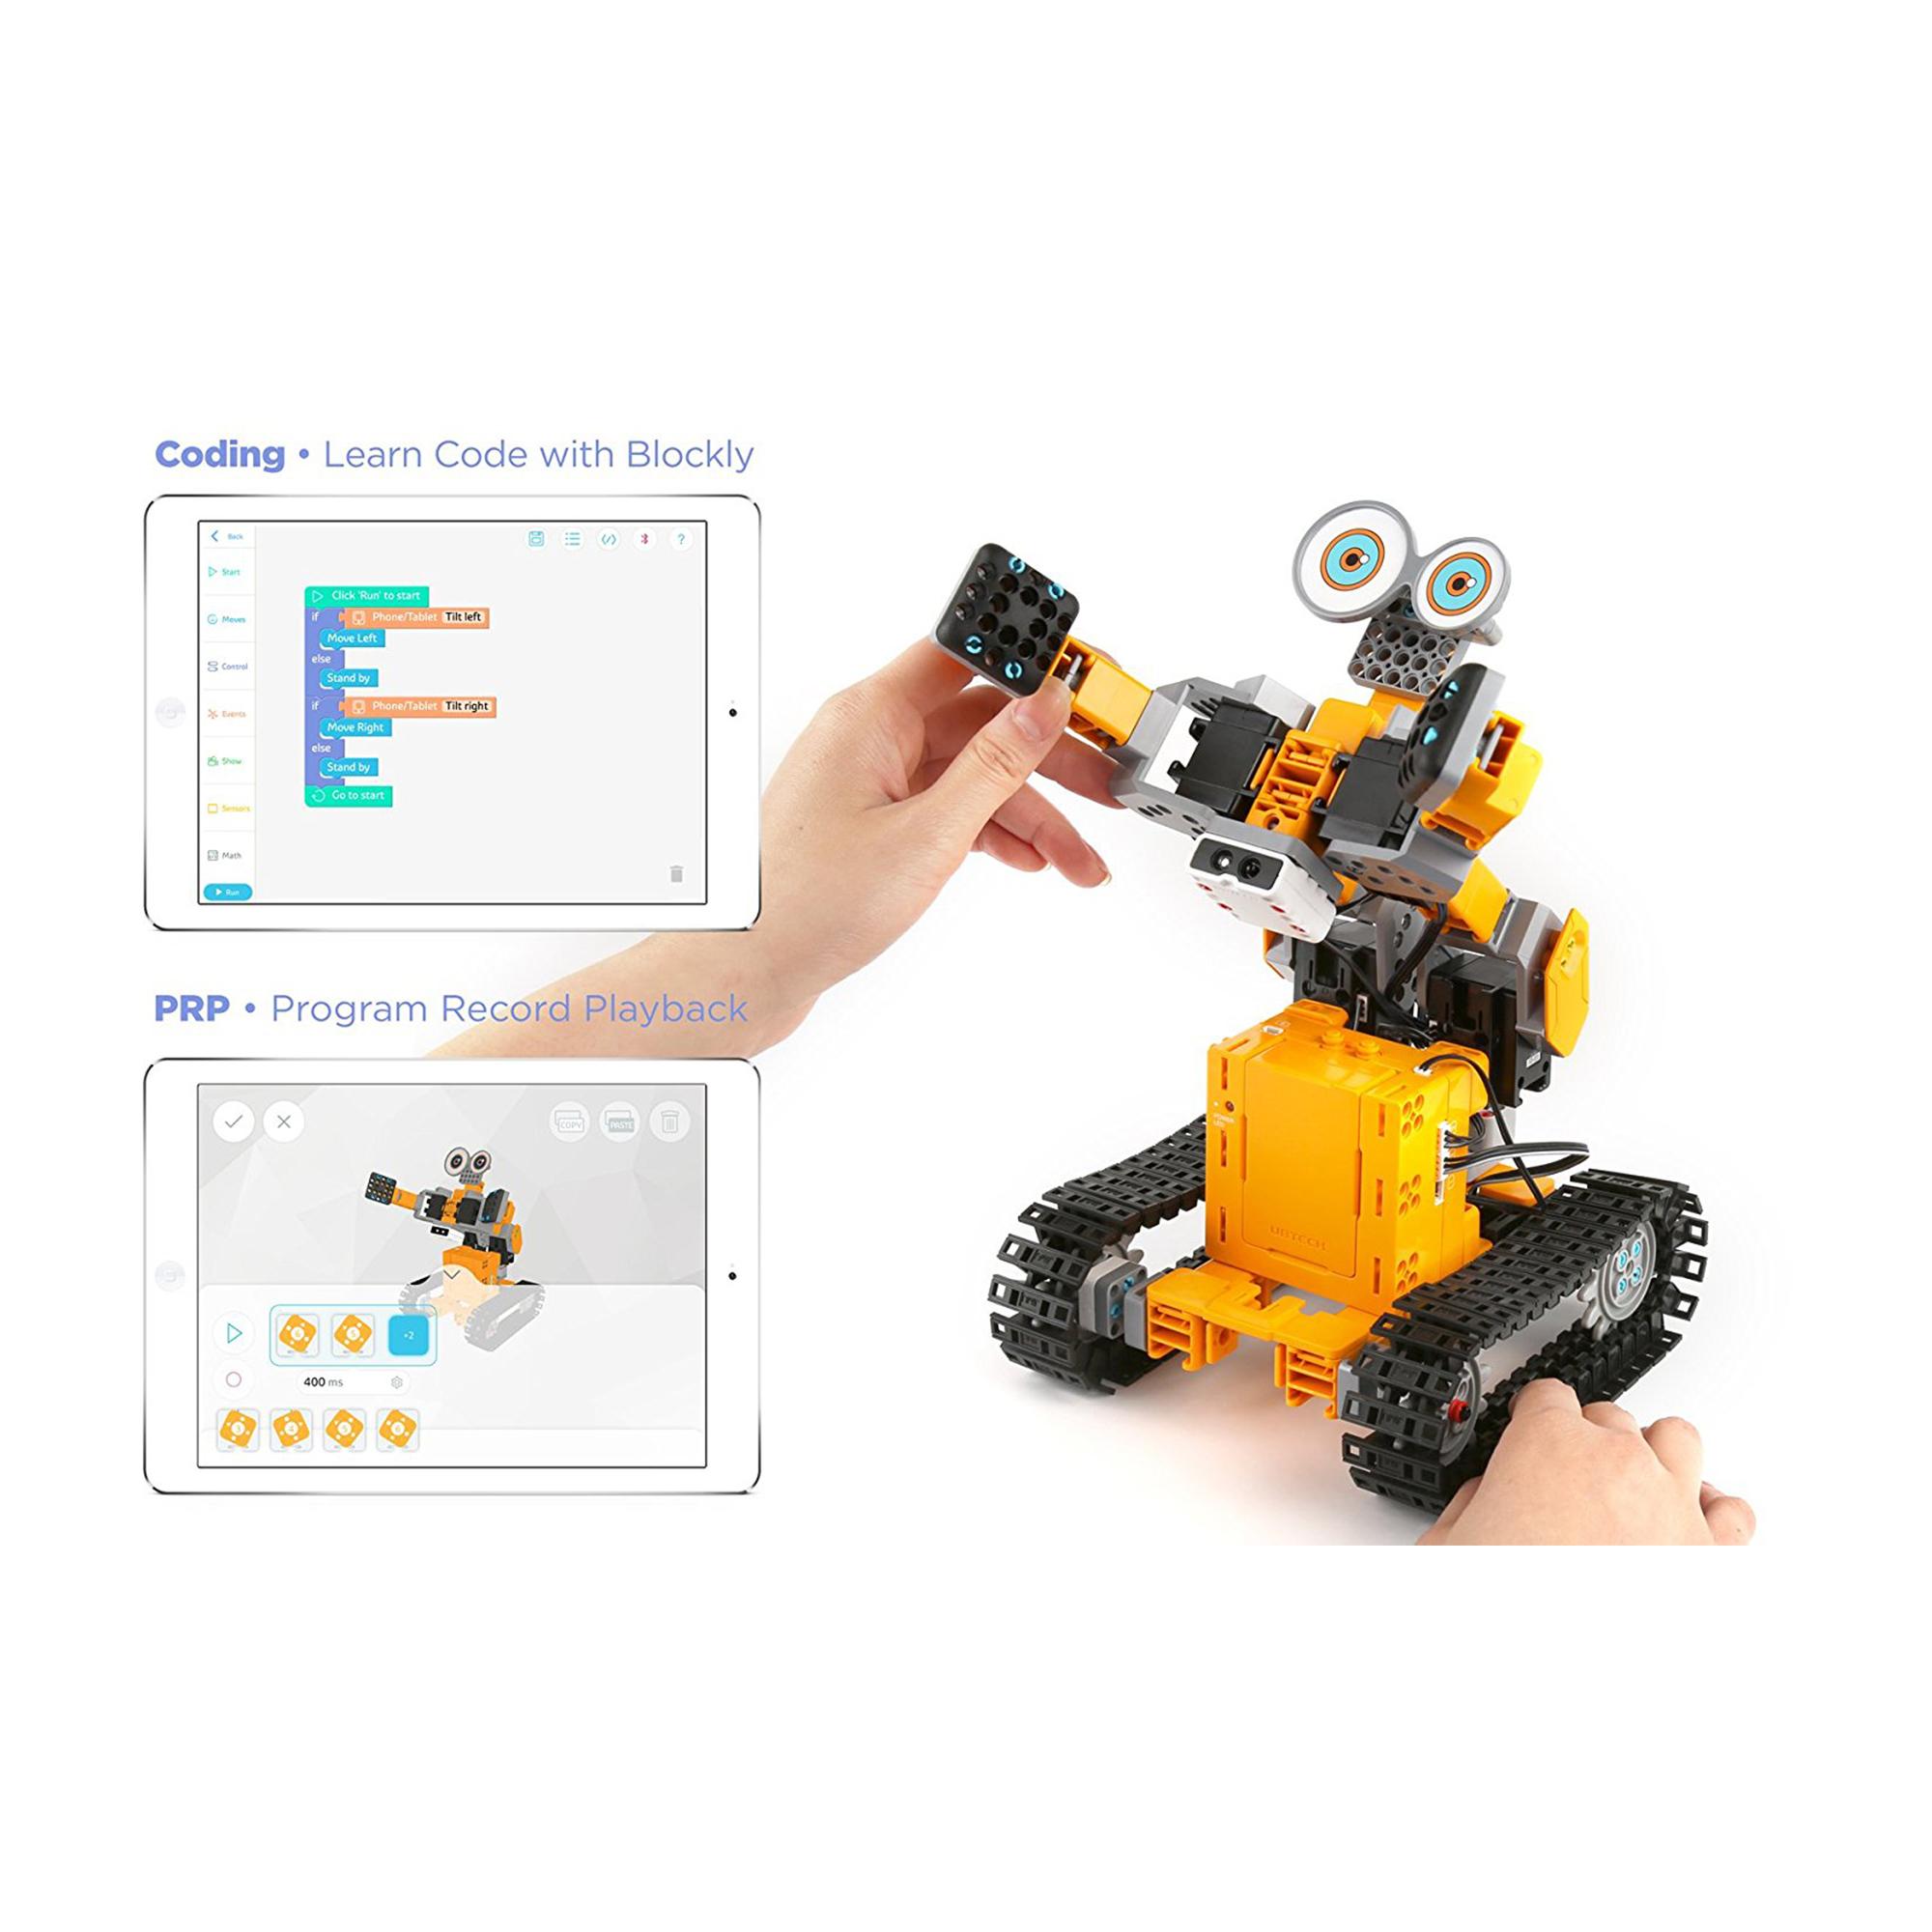 Kết quả hình ảnh cho Ubtech Jimu Robot TankBot Kit